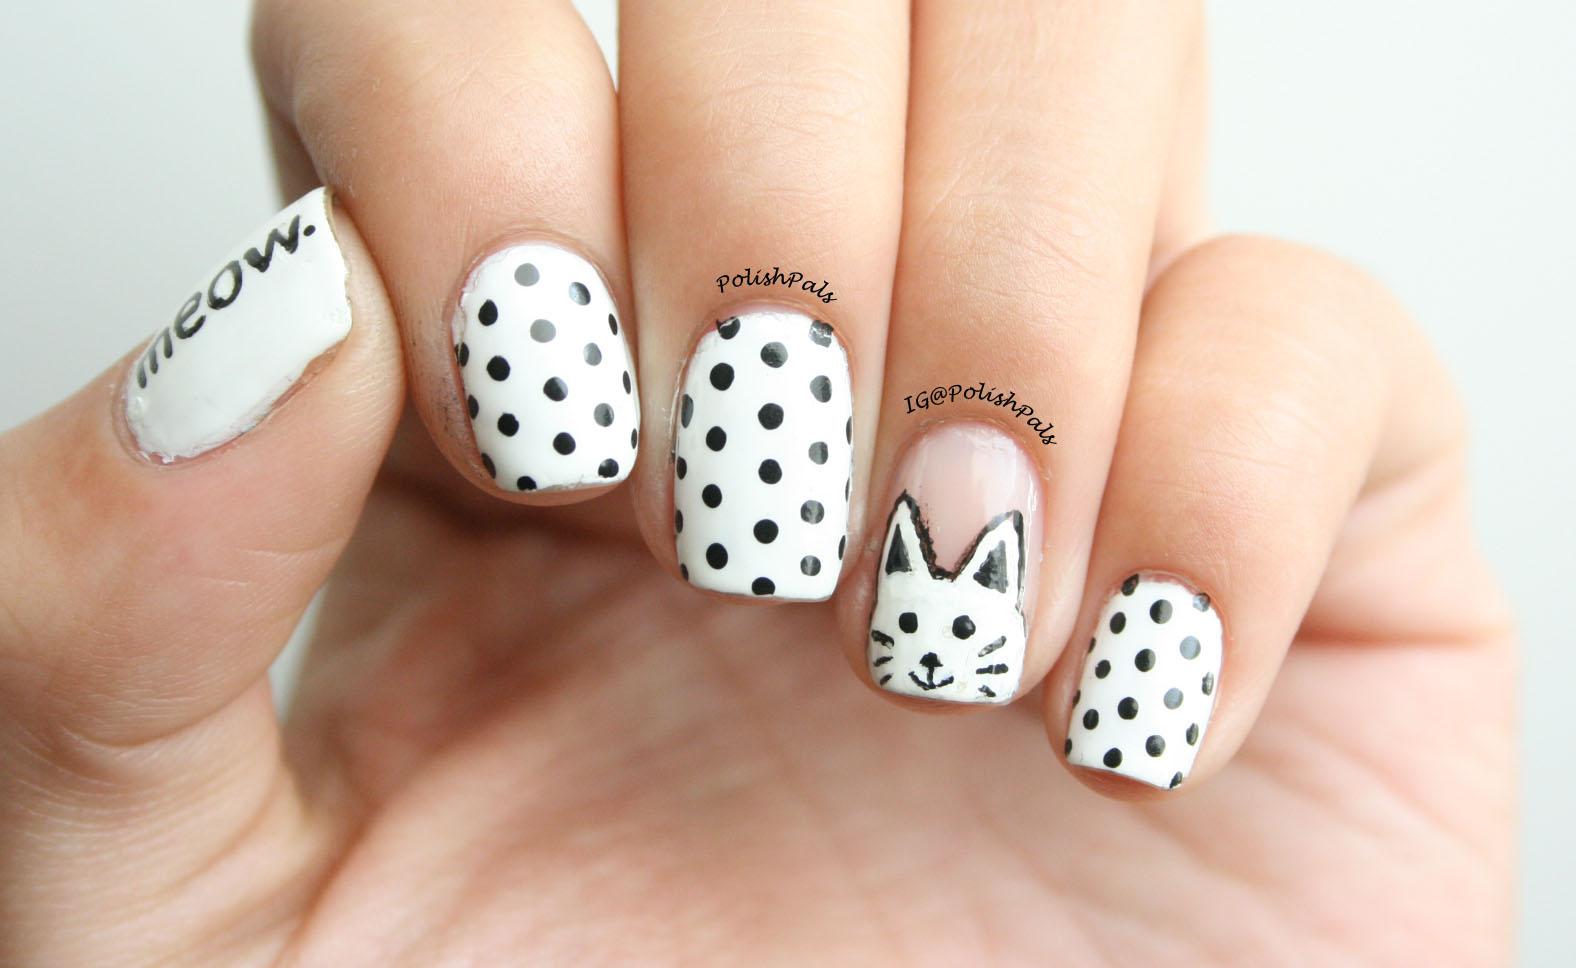 Polish Pals: White Cat and Polka Dot Nails